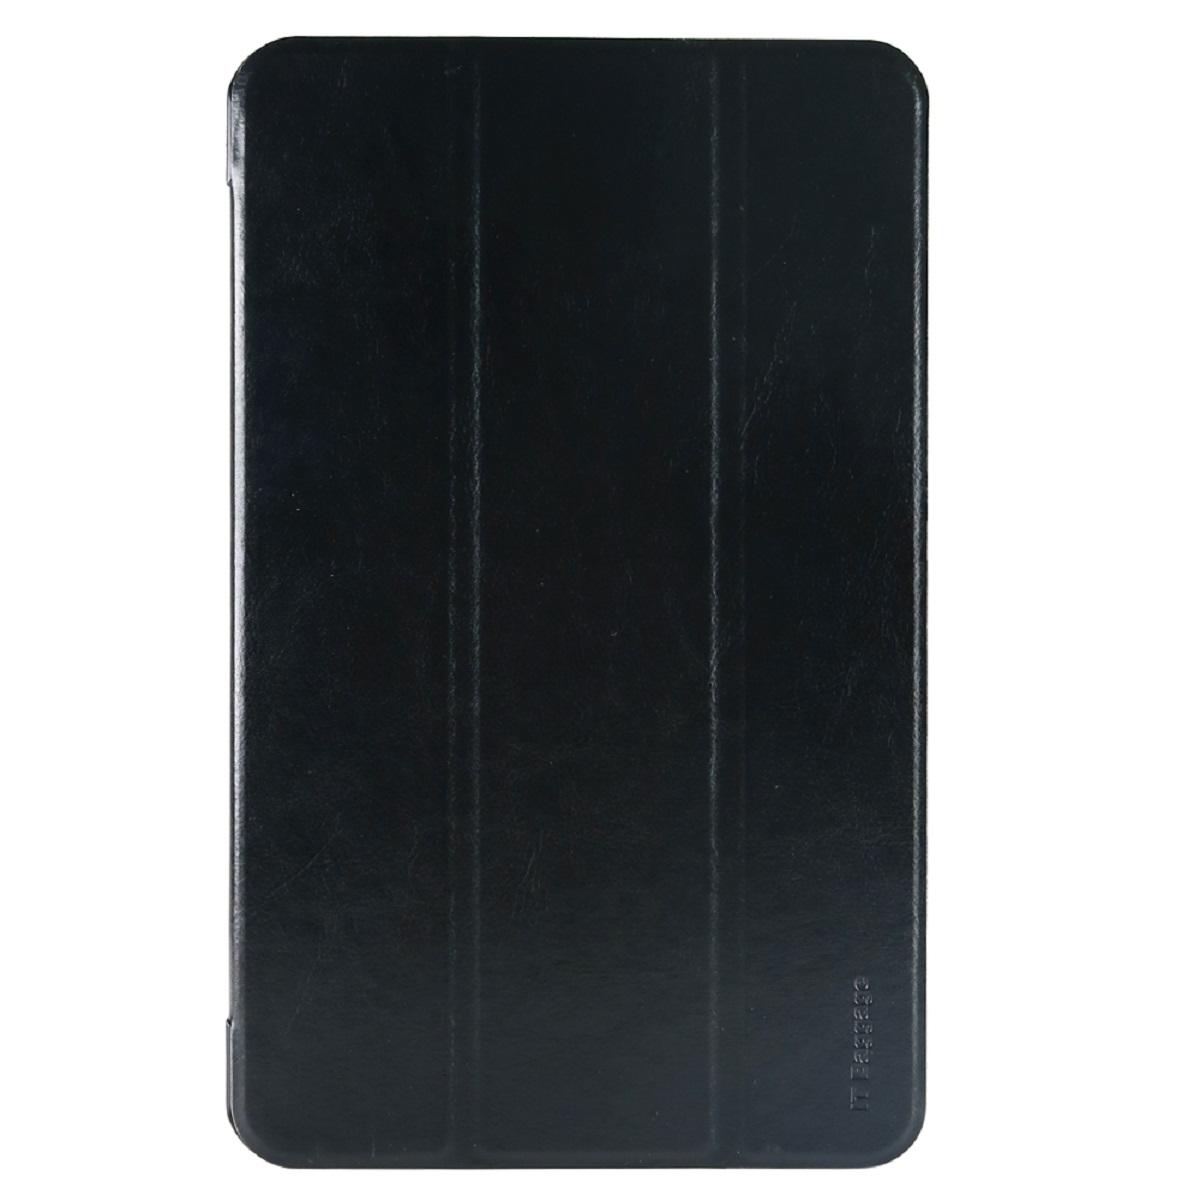 IT Baggage чехол для Samsung Galaxy Tab A 10.1 SM-T580/T585, BlackITSSGTA105-1Чехол IT Baggage для планшета Samsung Galaxy Tab A 10.1 SM-T580/T585 надежно защищает ваше устройство от случайных ударов и царапин, а так же от внешних воздействий, грязи, пыли и брызг. Крышку можно использовать в качестве настольной подставки для вашего устройства. Чехол приятен на ощупь и имеет стильный внешний вид. Он также обеспечивает свободный доступ ко всем функциональным кнопкам планшета и камере.